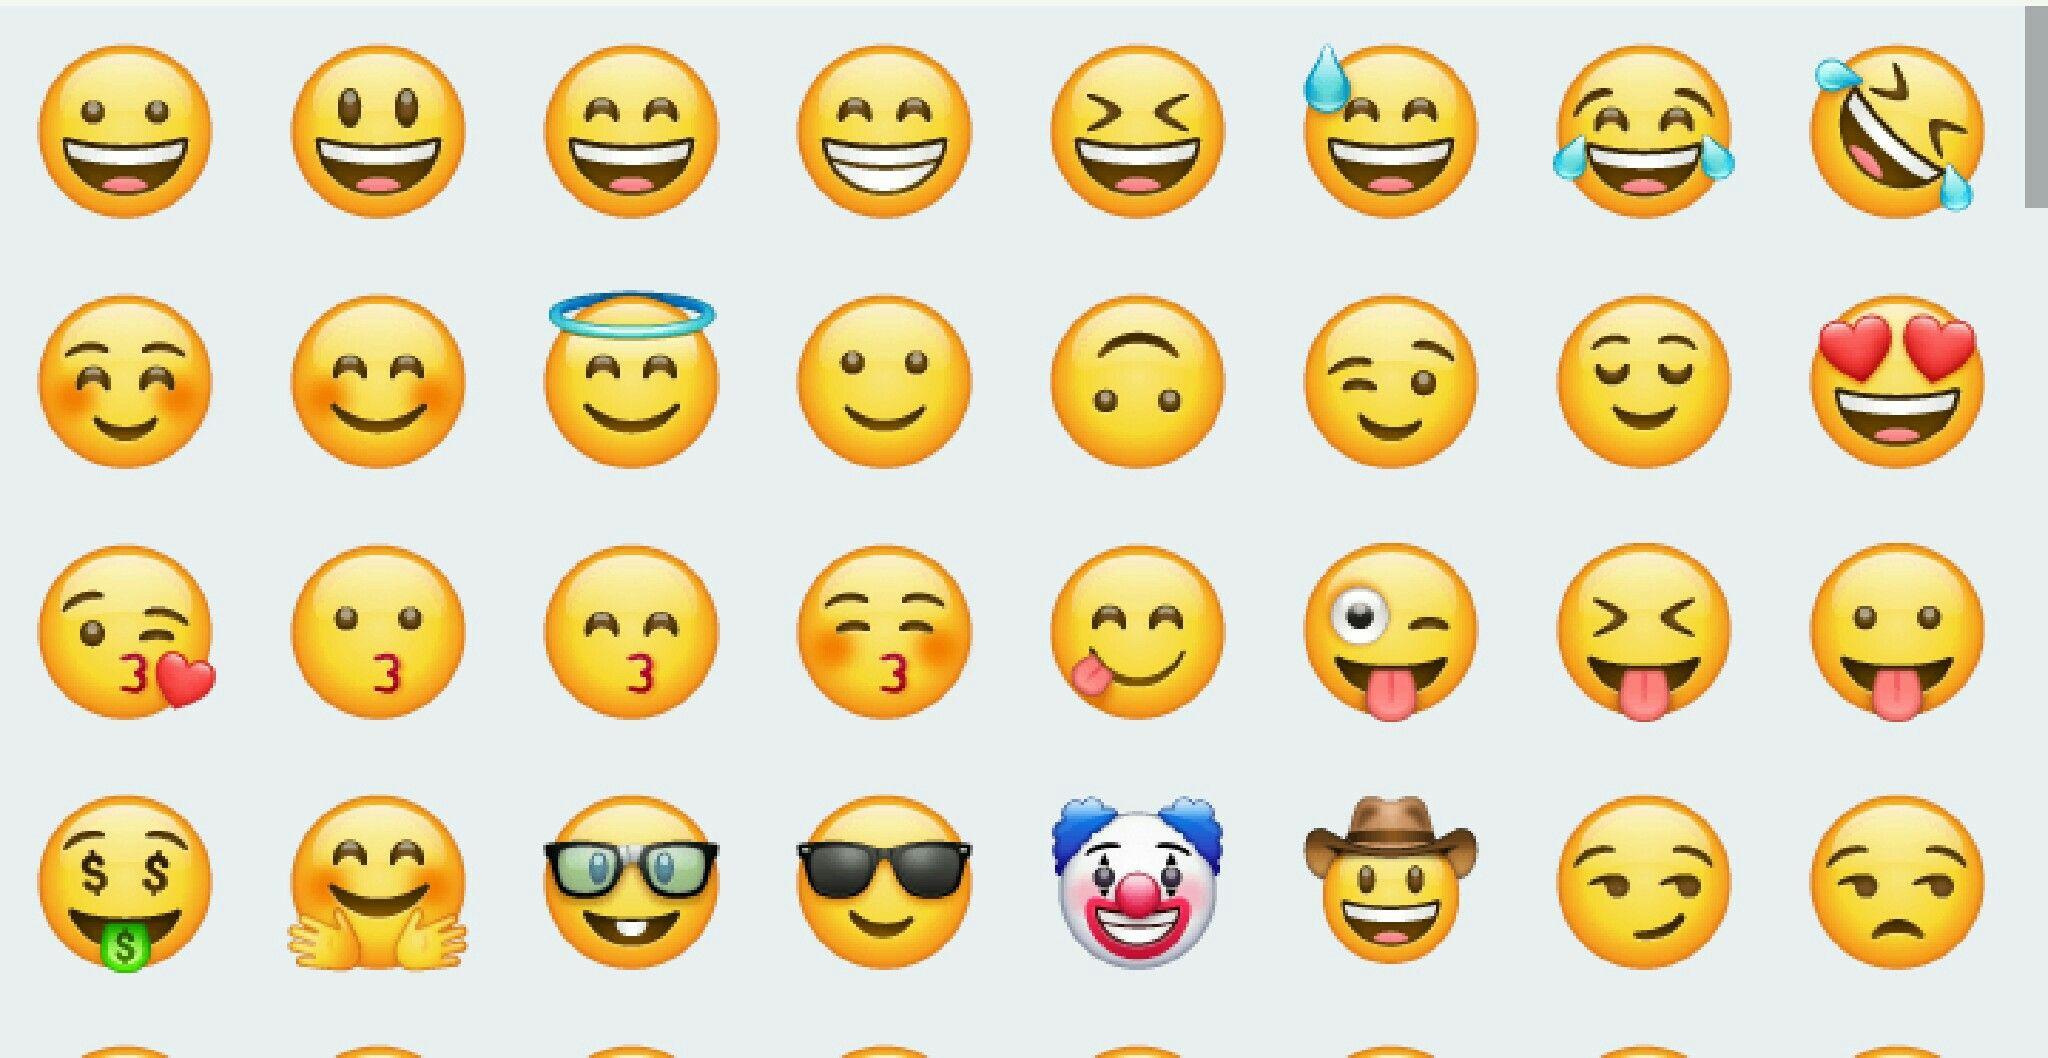 Pin de Claudia Imágenes en Emoticones ☺ Emojis, Imágenes